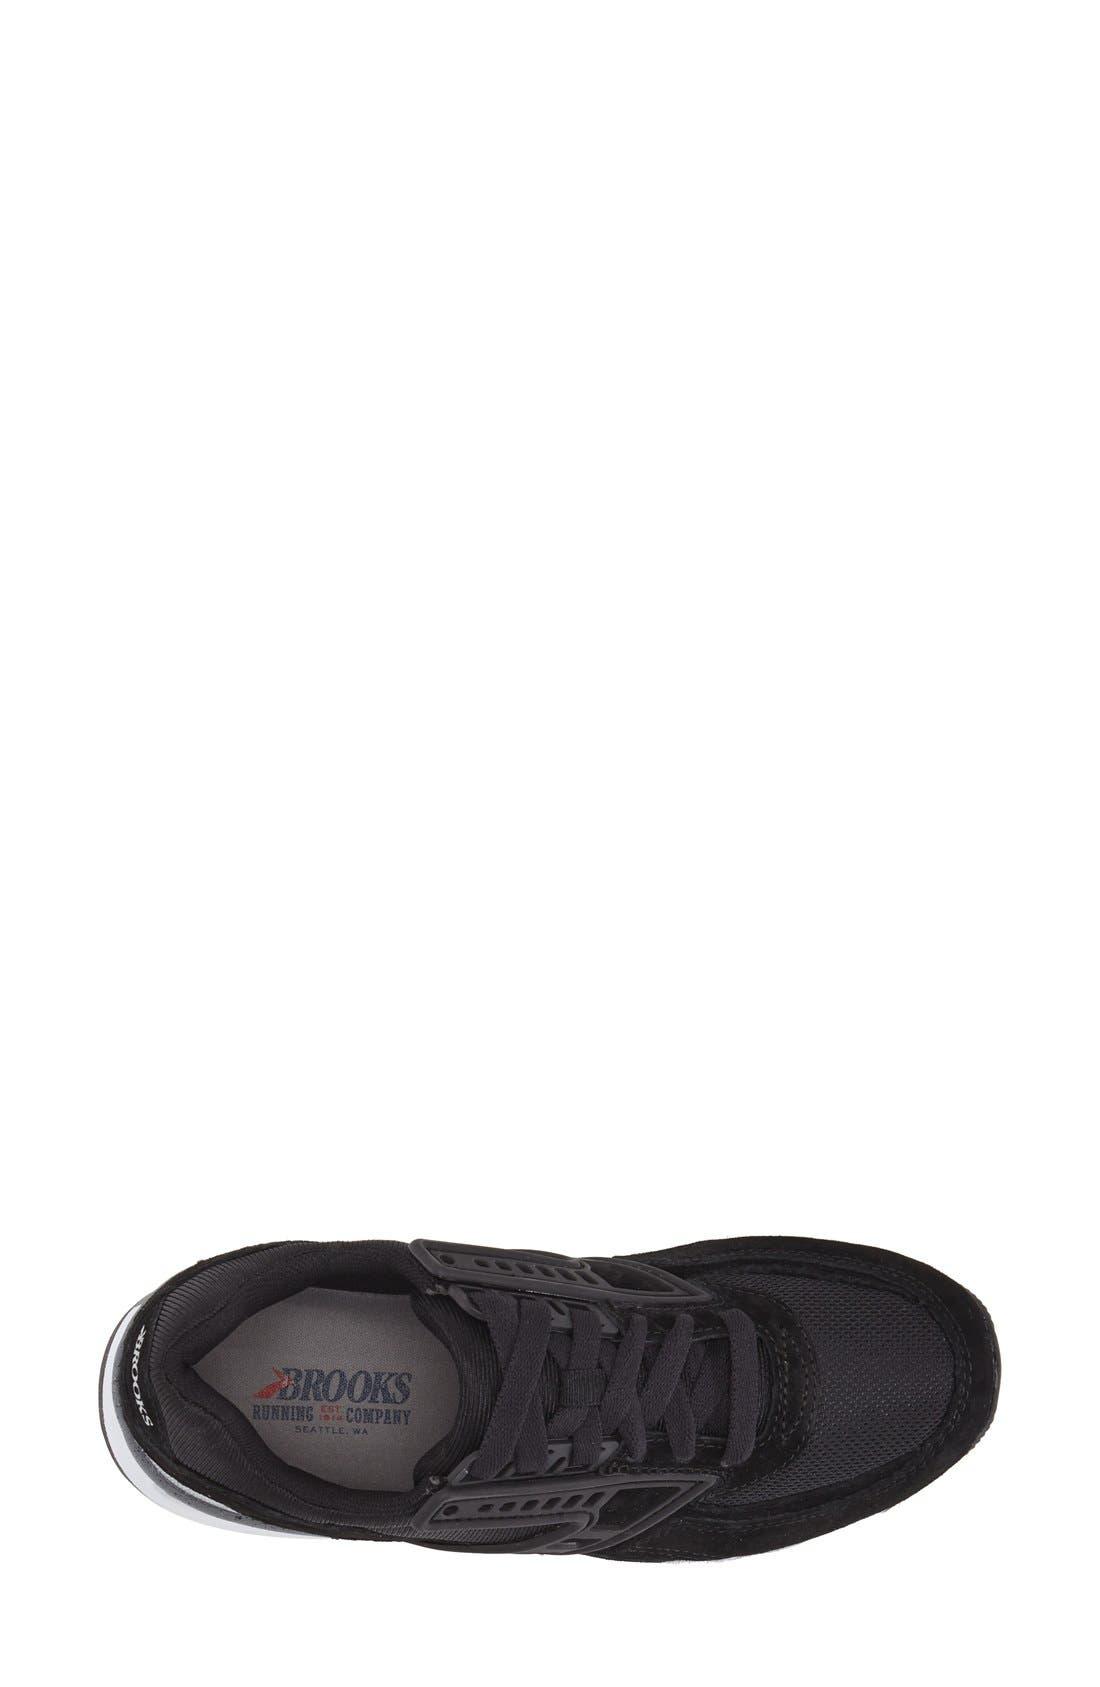 'Evenfall Regent' Sneaker,                             Alternate thumbnail 3, color,                             091